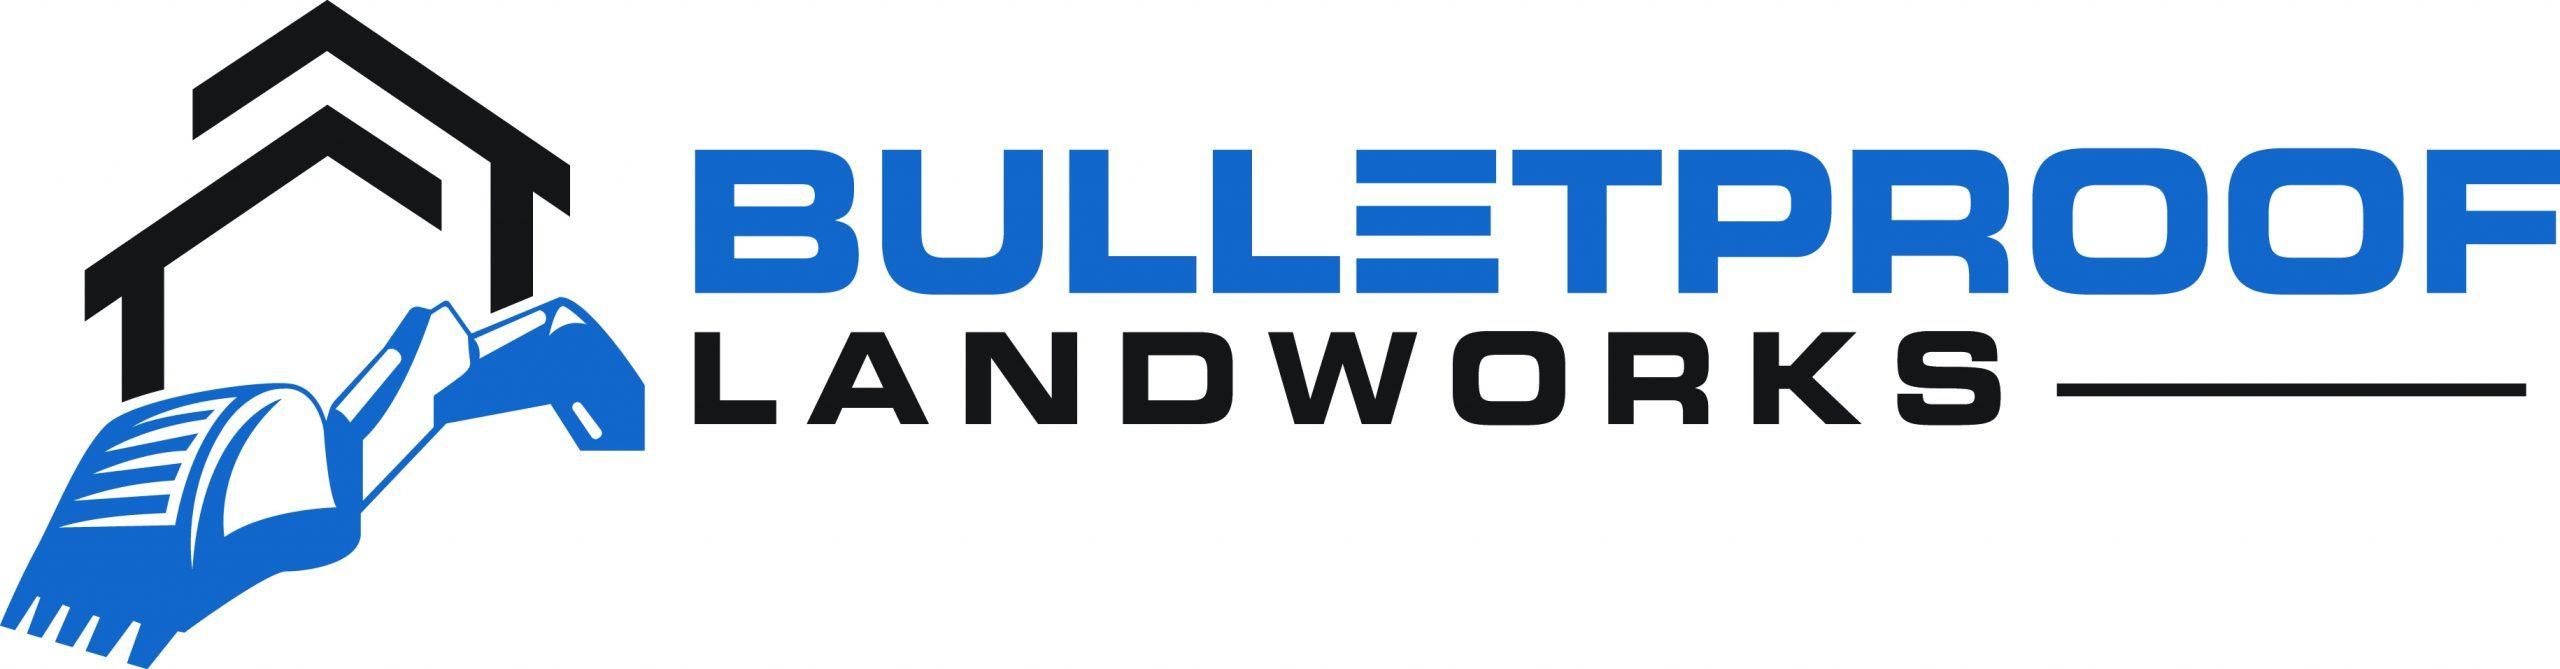 Bulletproof Landworks